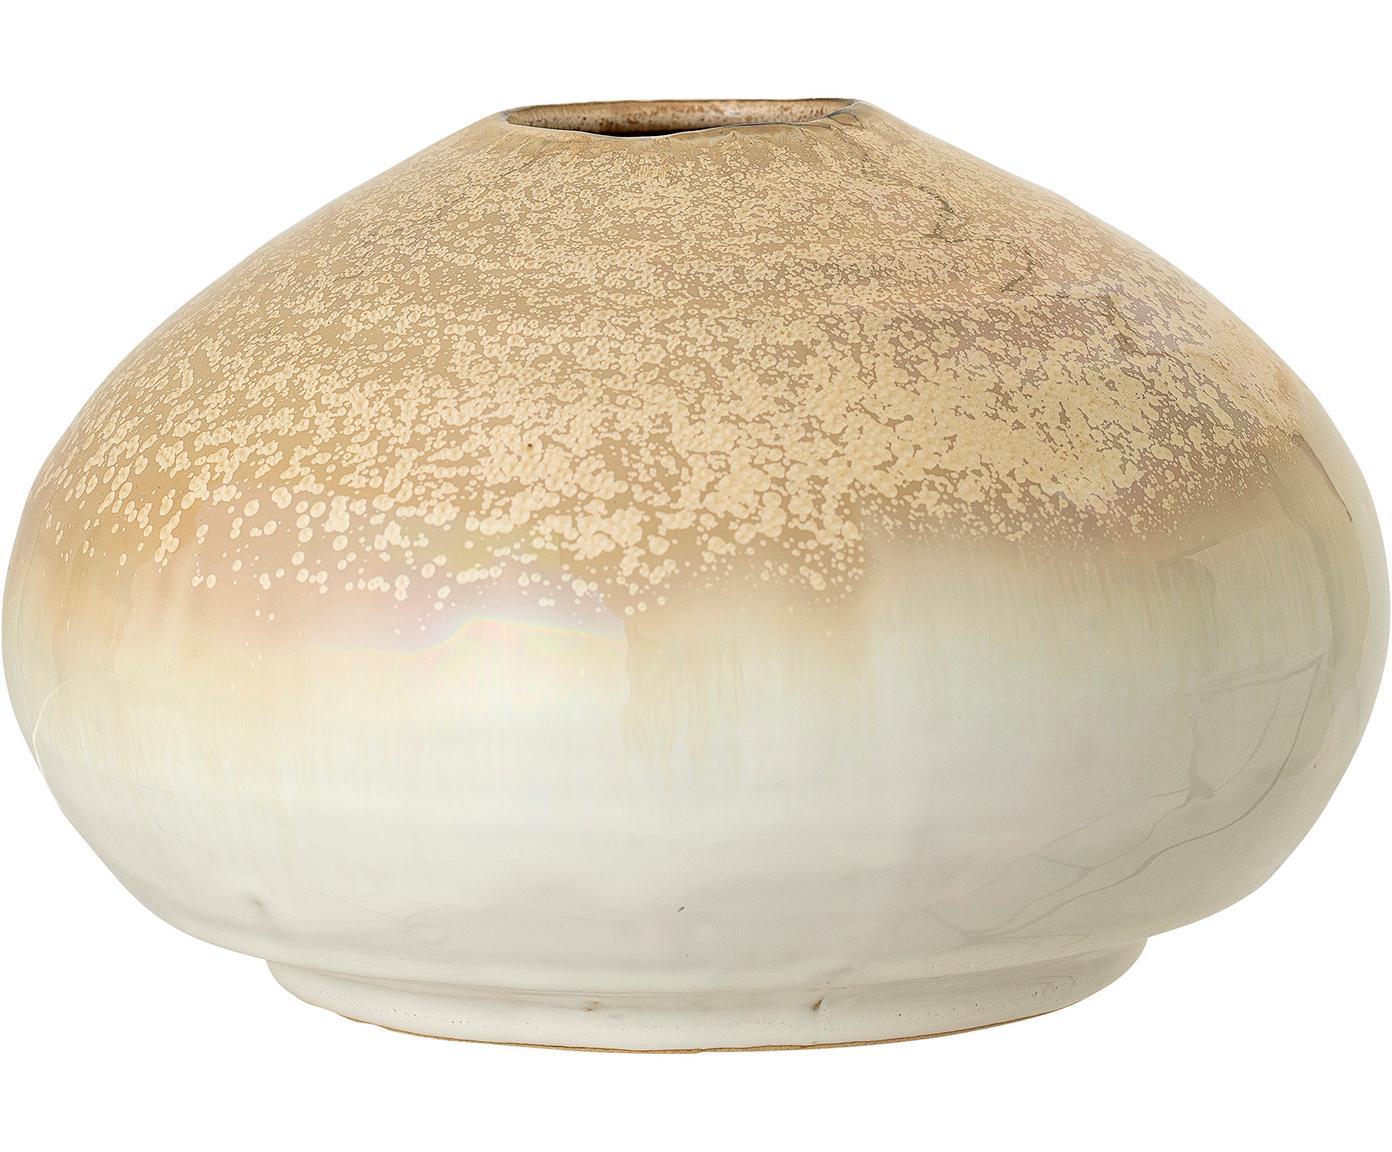 XS handgefertigte Vase Nina aus Steingut, Steingut, Beige, Ø 12 x H 8 cm